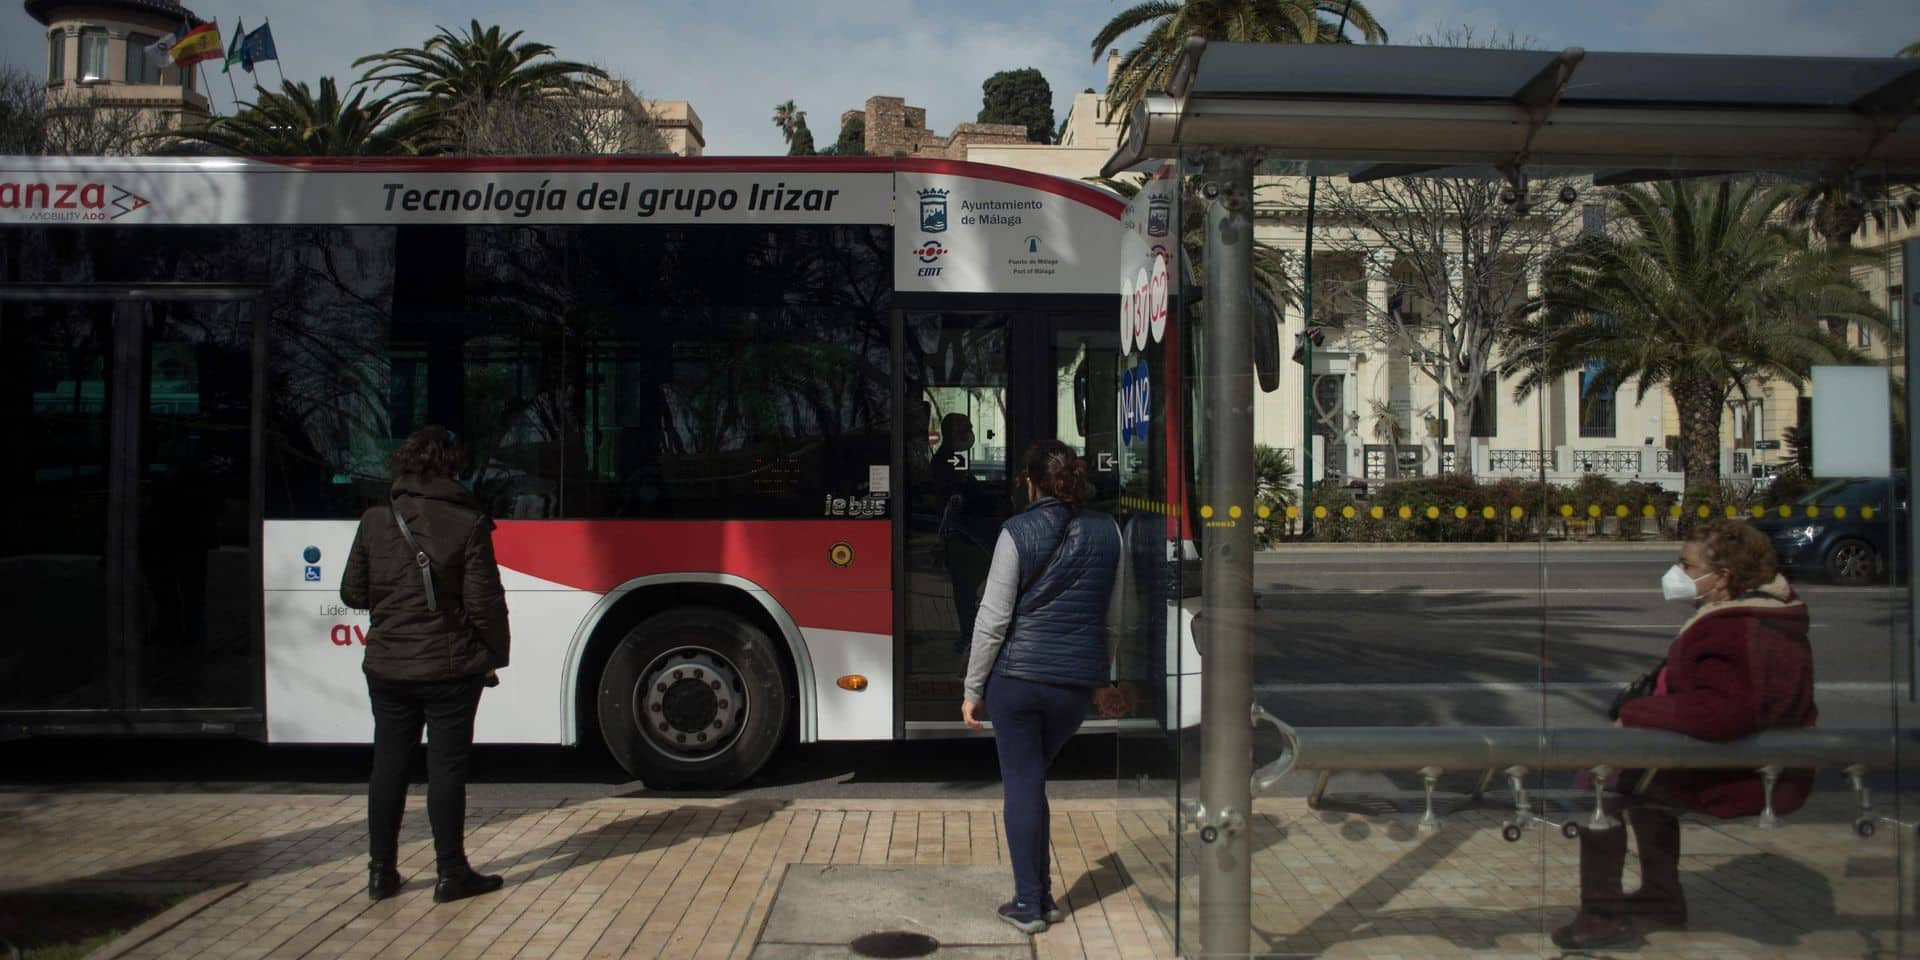 Première en Europe: un bus sans conducteur dans les rues de Malaga (PHOTOS + VIDEO)